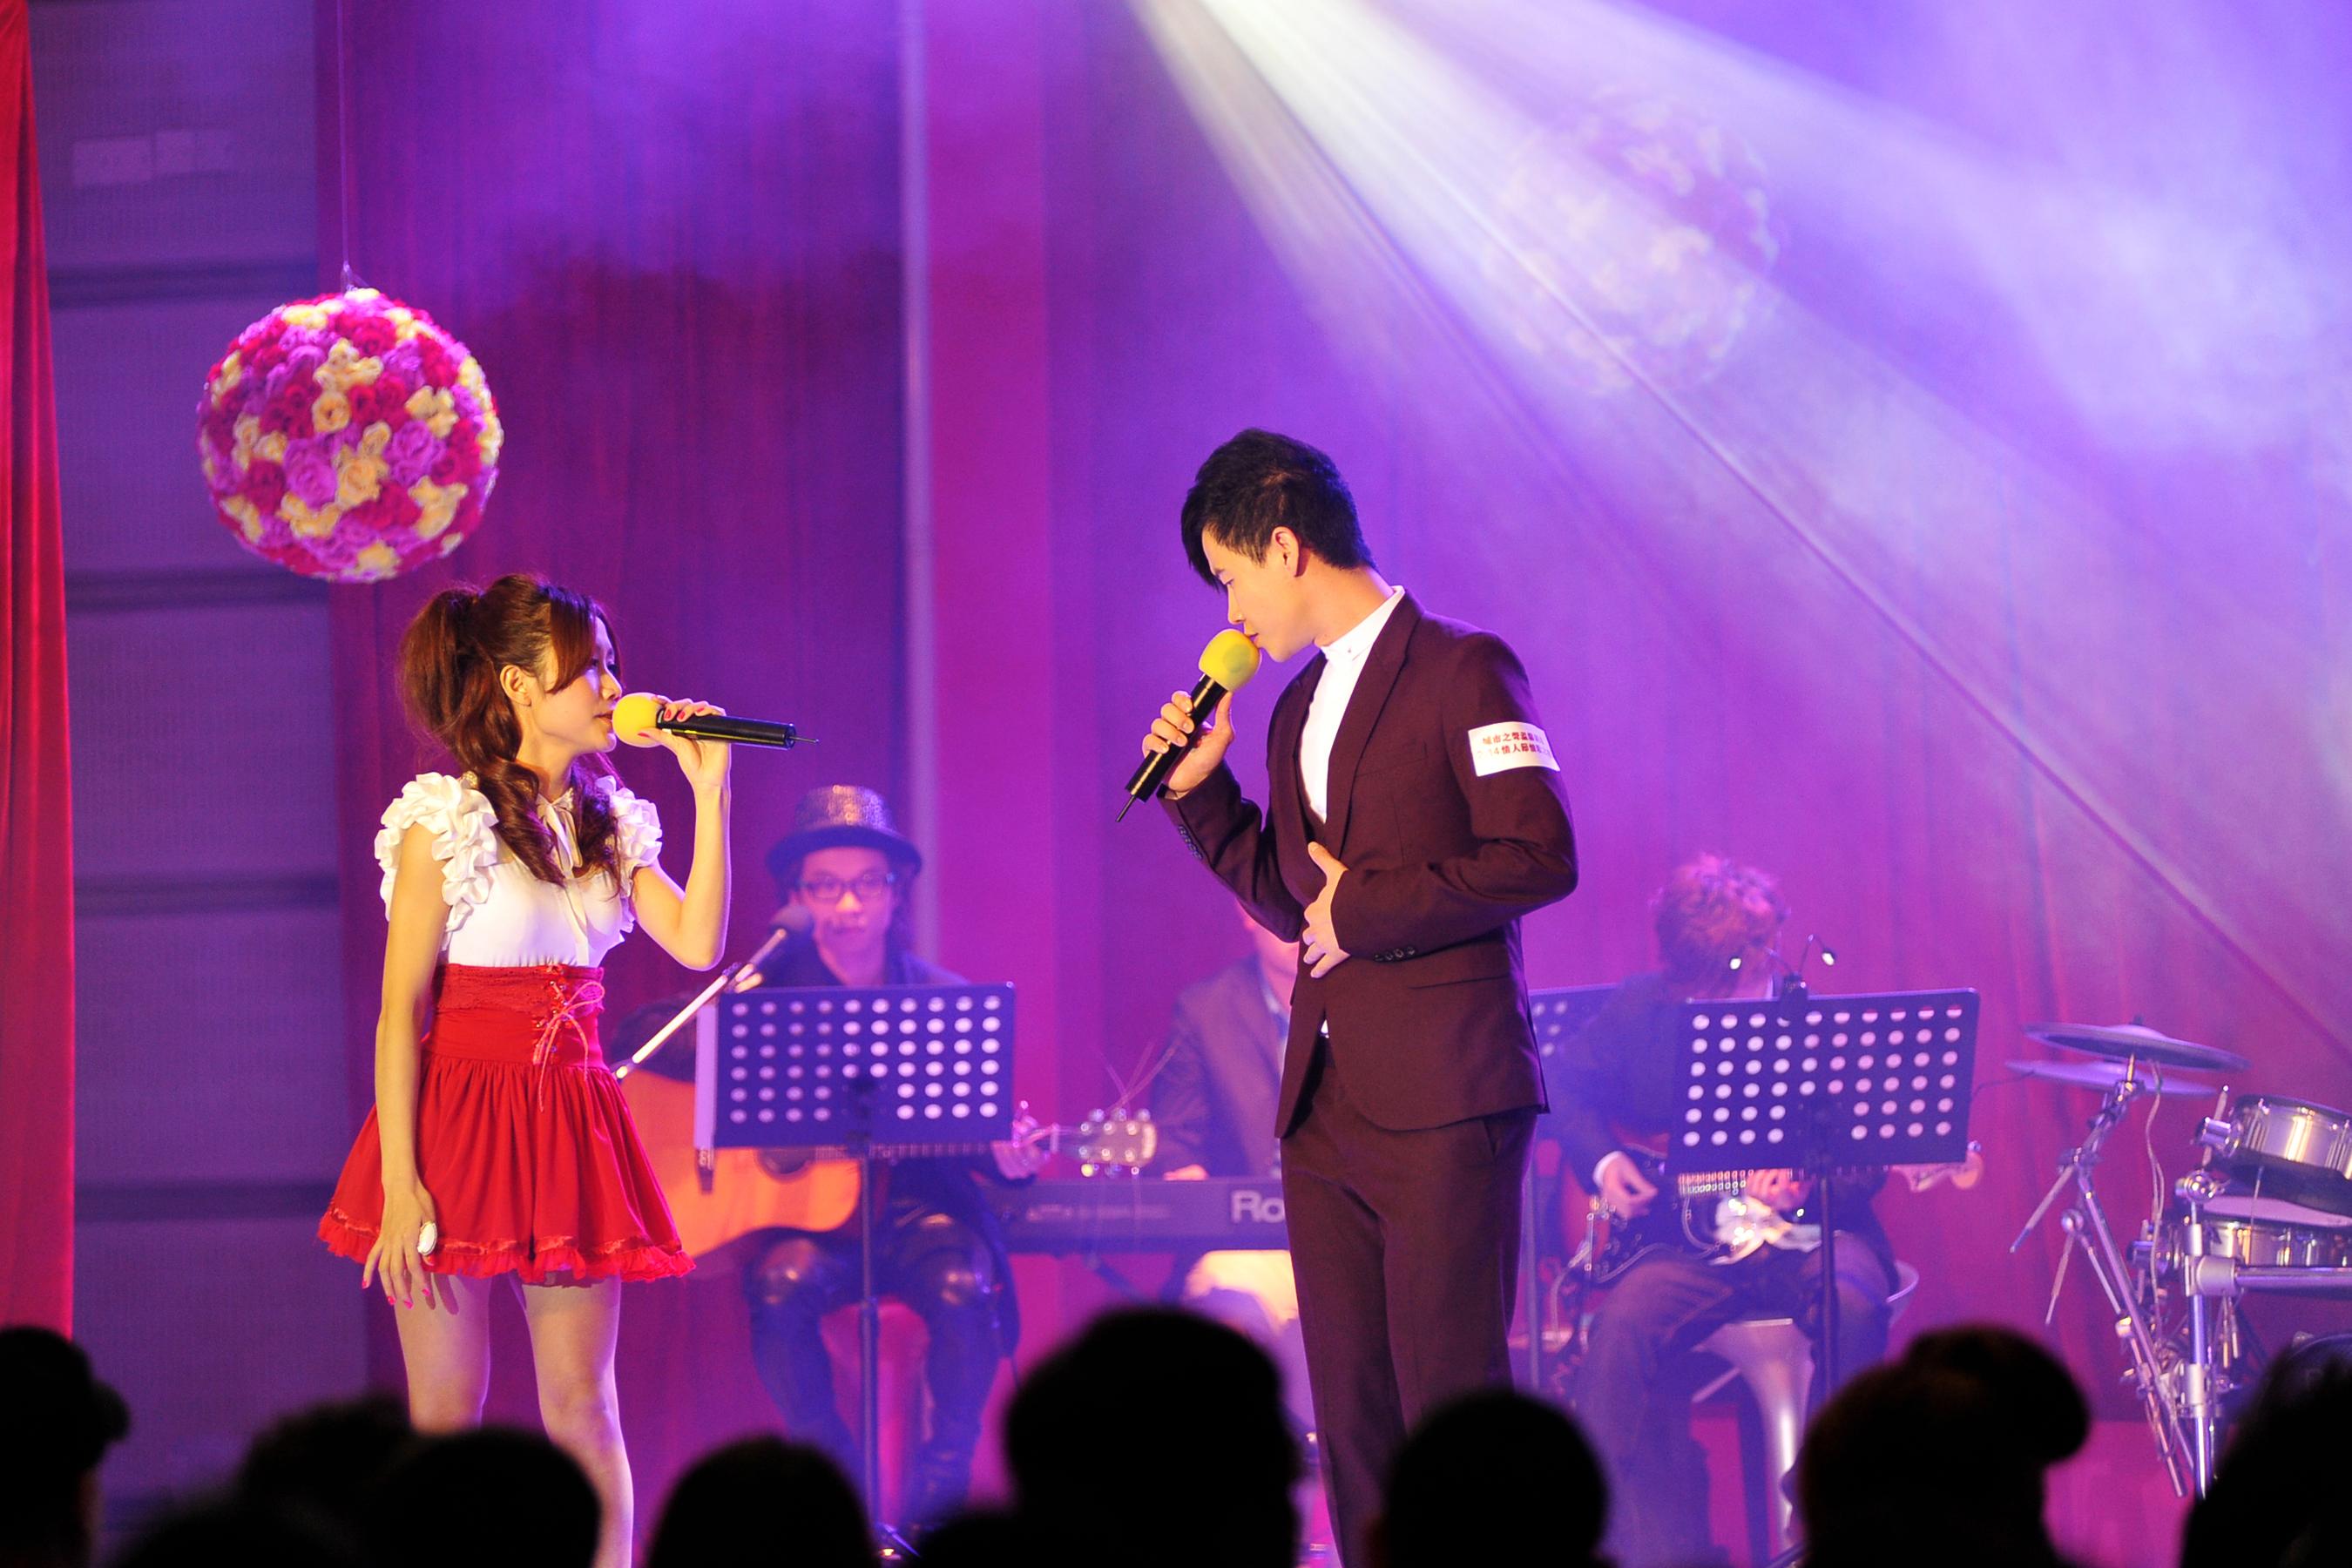 《精美音畫》純子音樂  最美的相遇 情歌對唱 - hung22 - 彬彬的博客